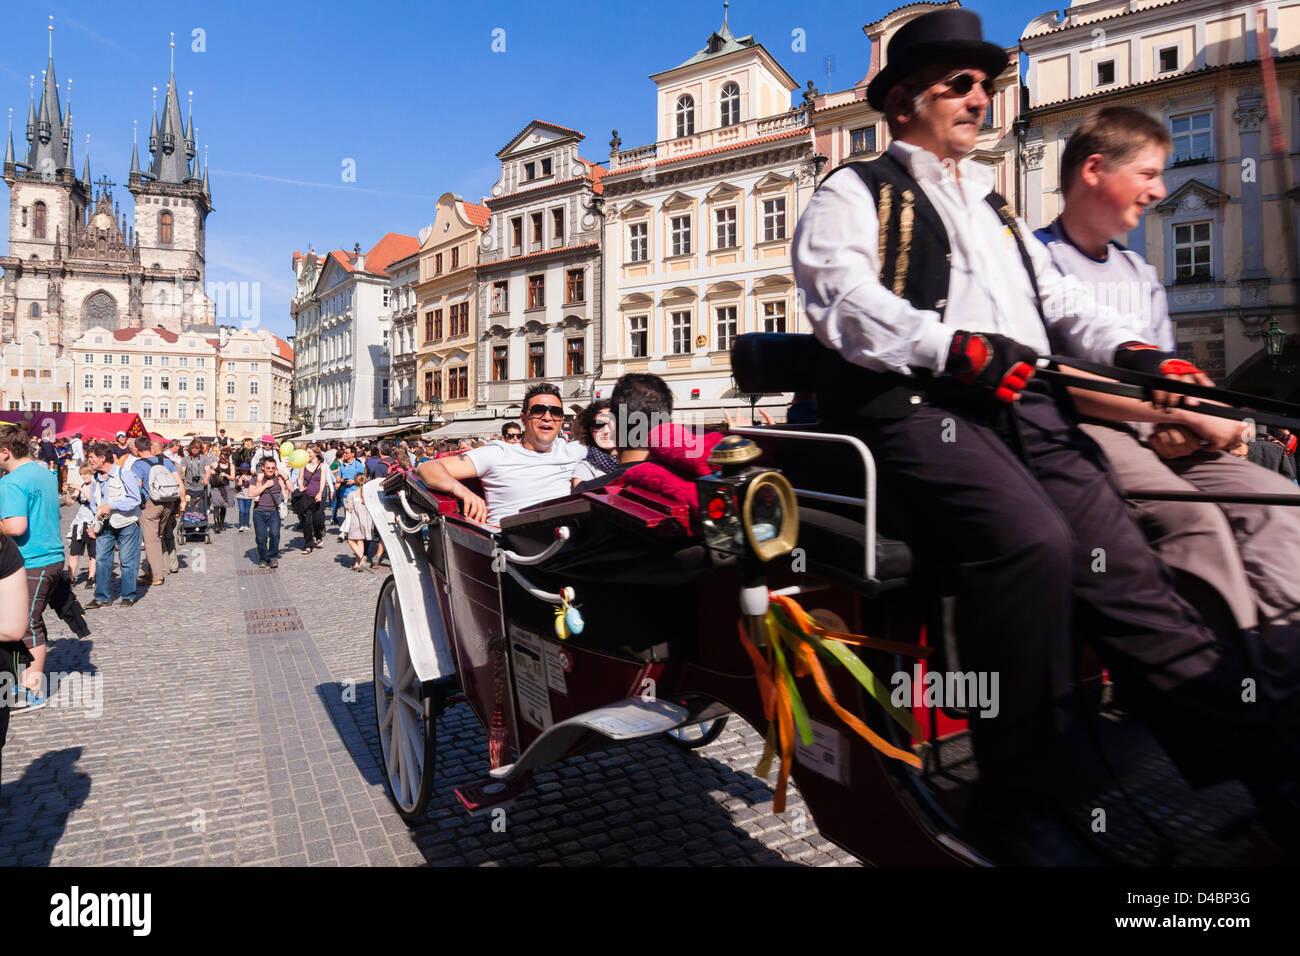 Les touristes en calèche à la place de la vieille ville. Prague, République Tchèque Photo Stock